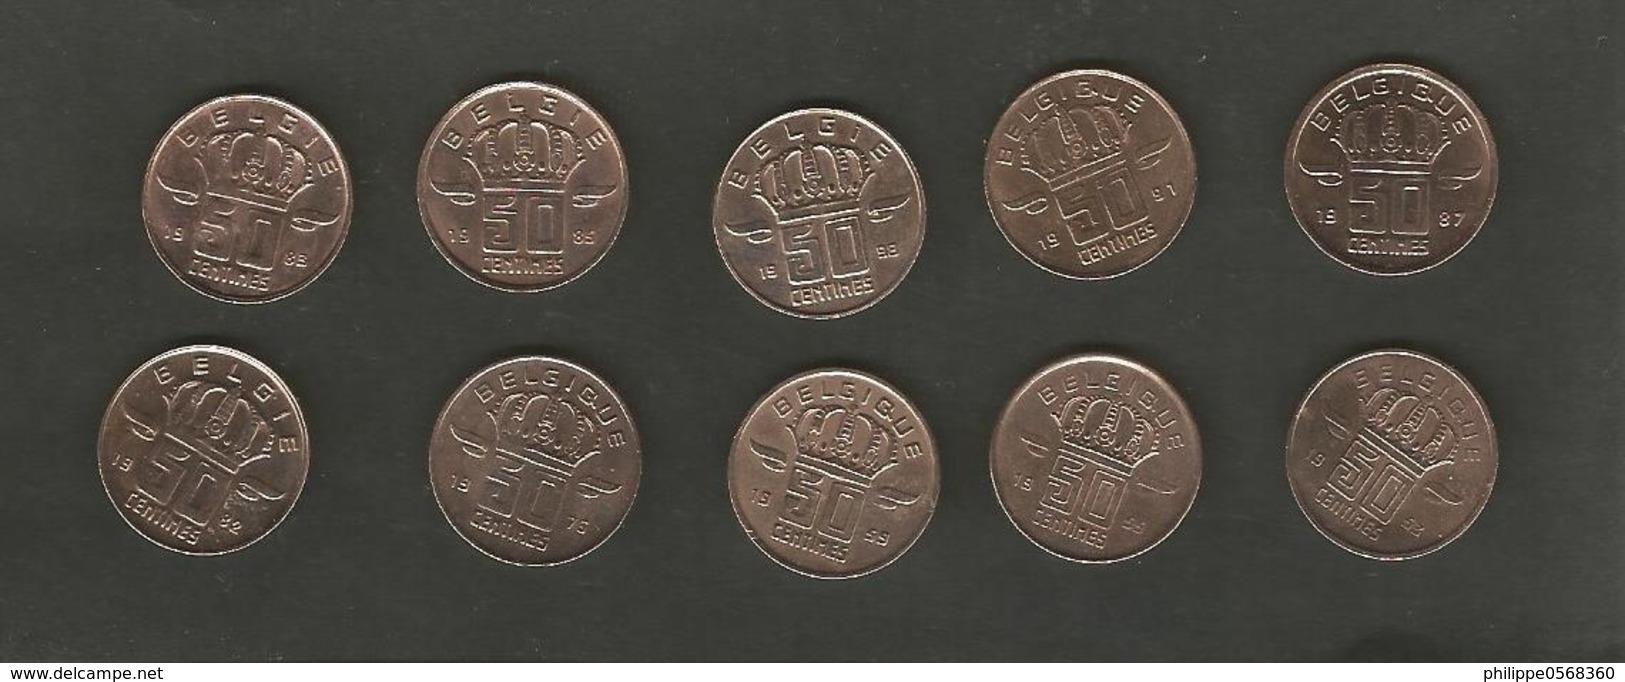 Lot De Monnaies Belgique 50 Centimes - Belgique